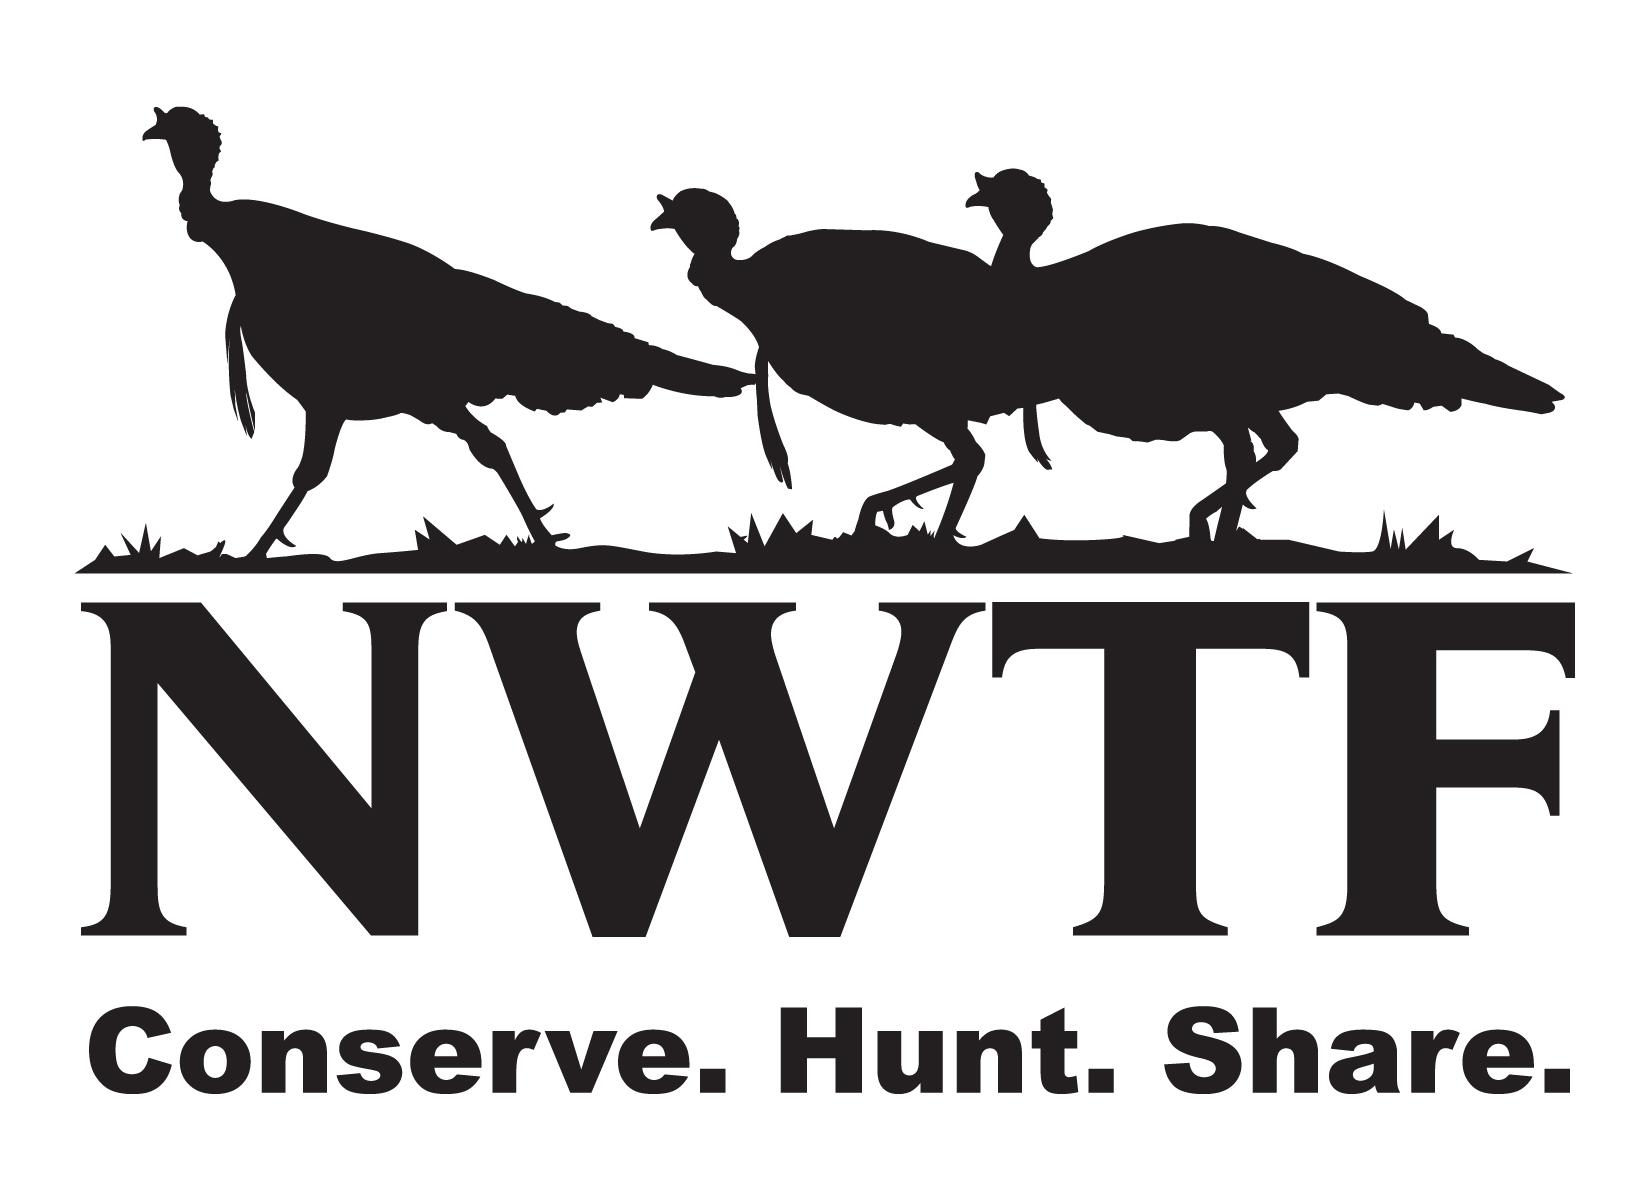 NWTF logo.jpg